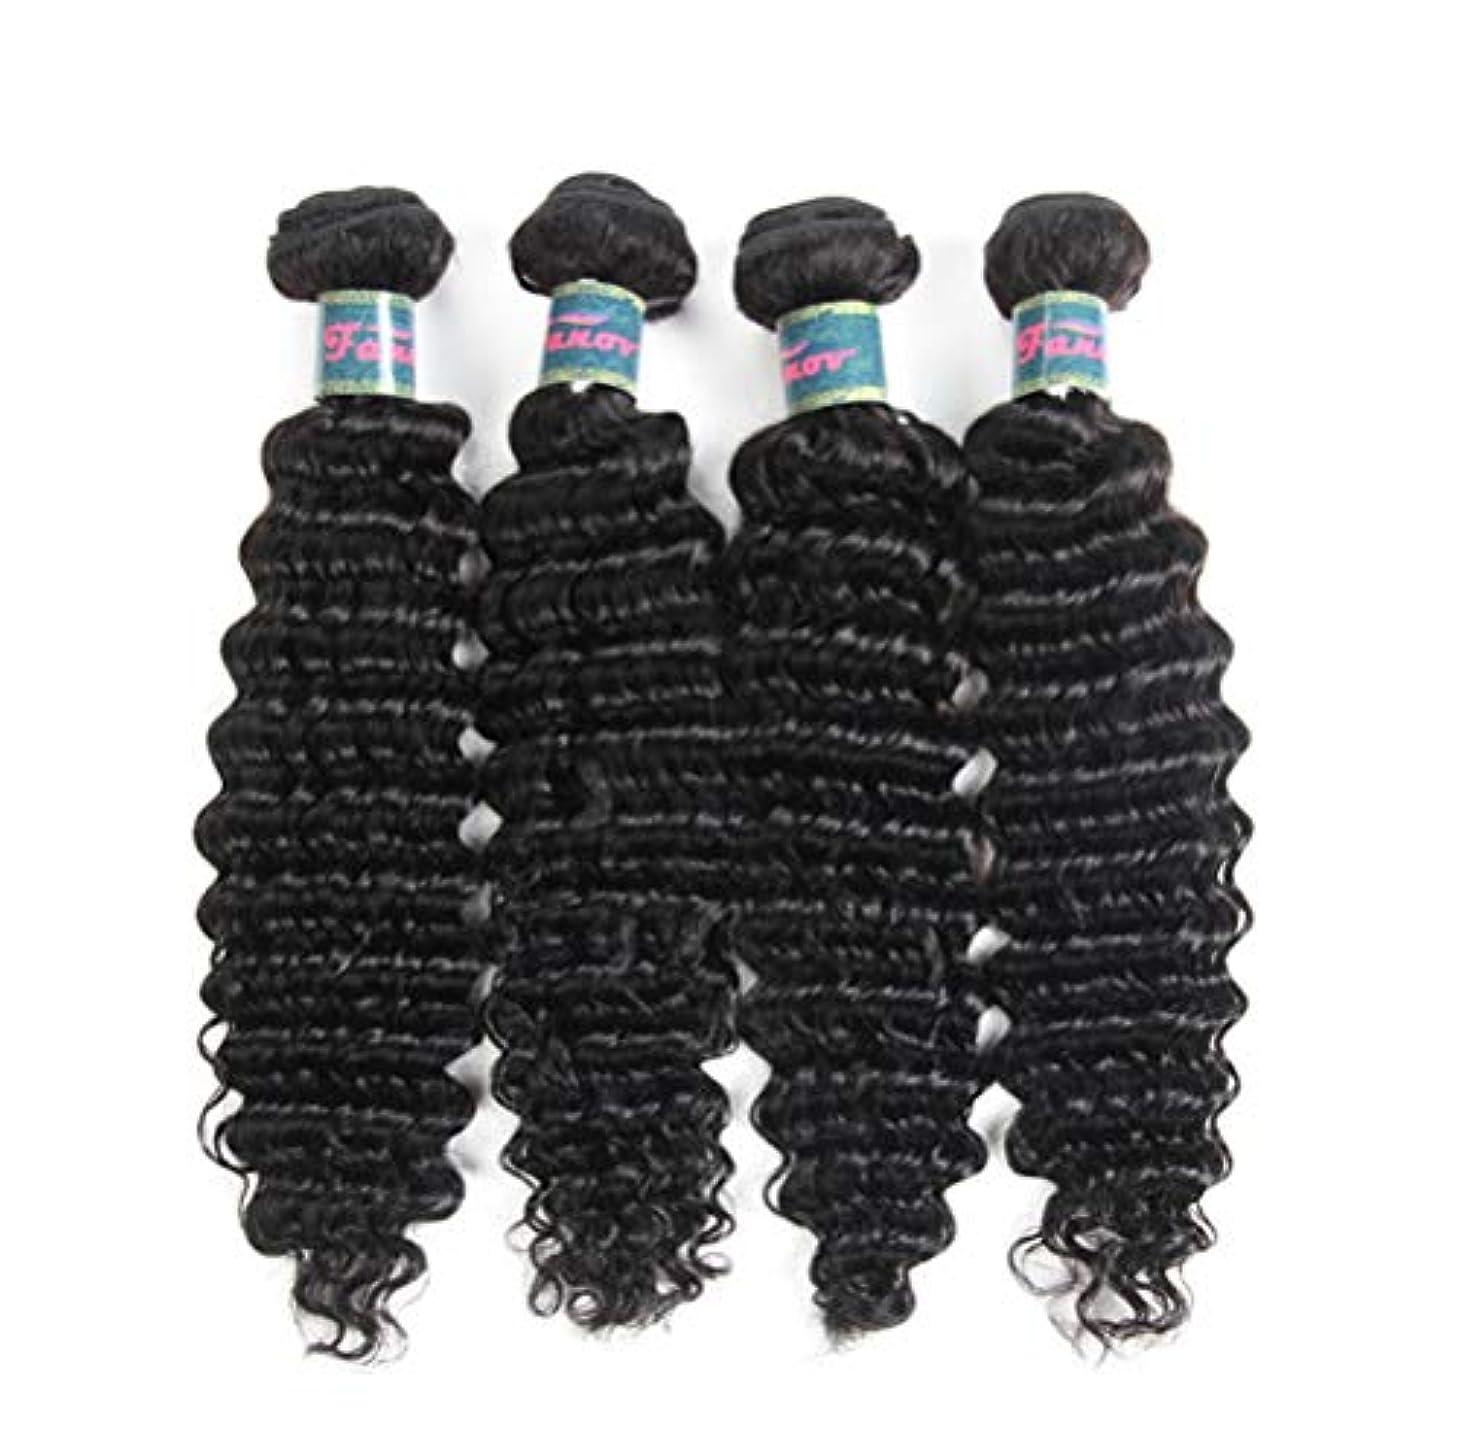 評価する本土共和党髪織り女性130%密度ブラジル実体波髪1バンドルグレード8aバージンレミーリアル人間の髪の毛